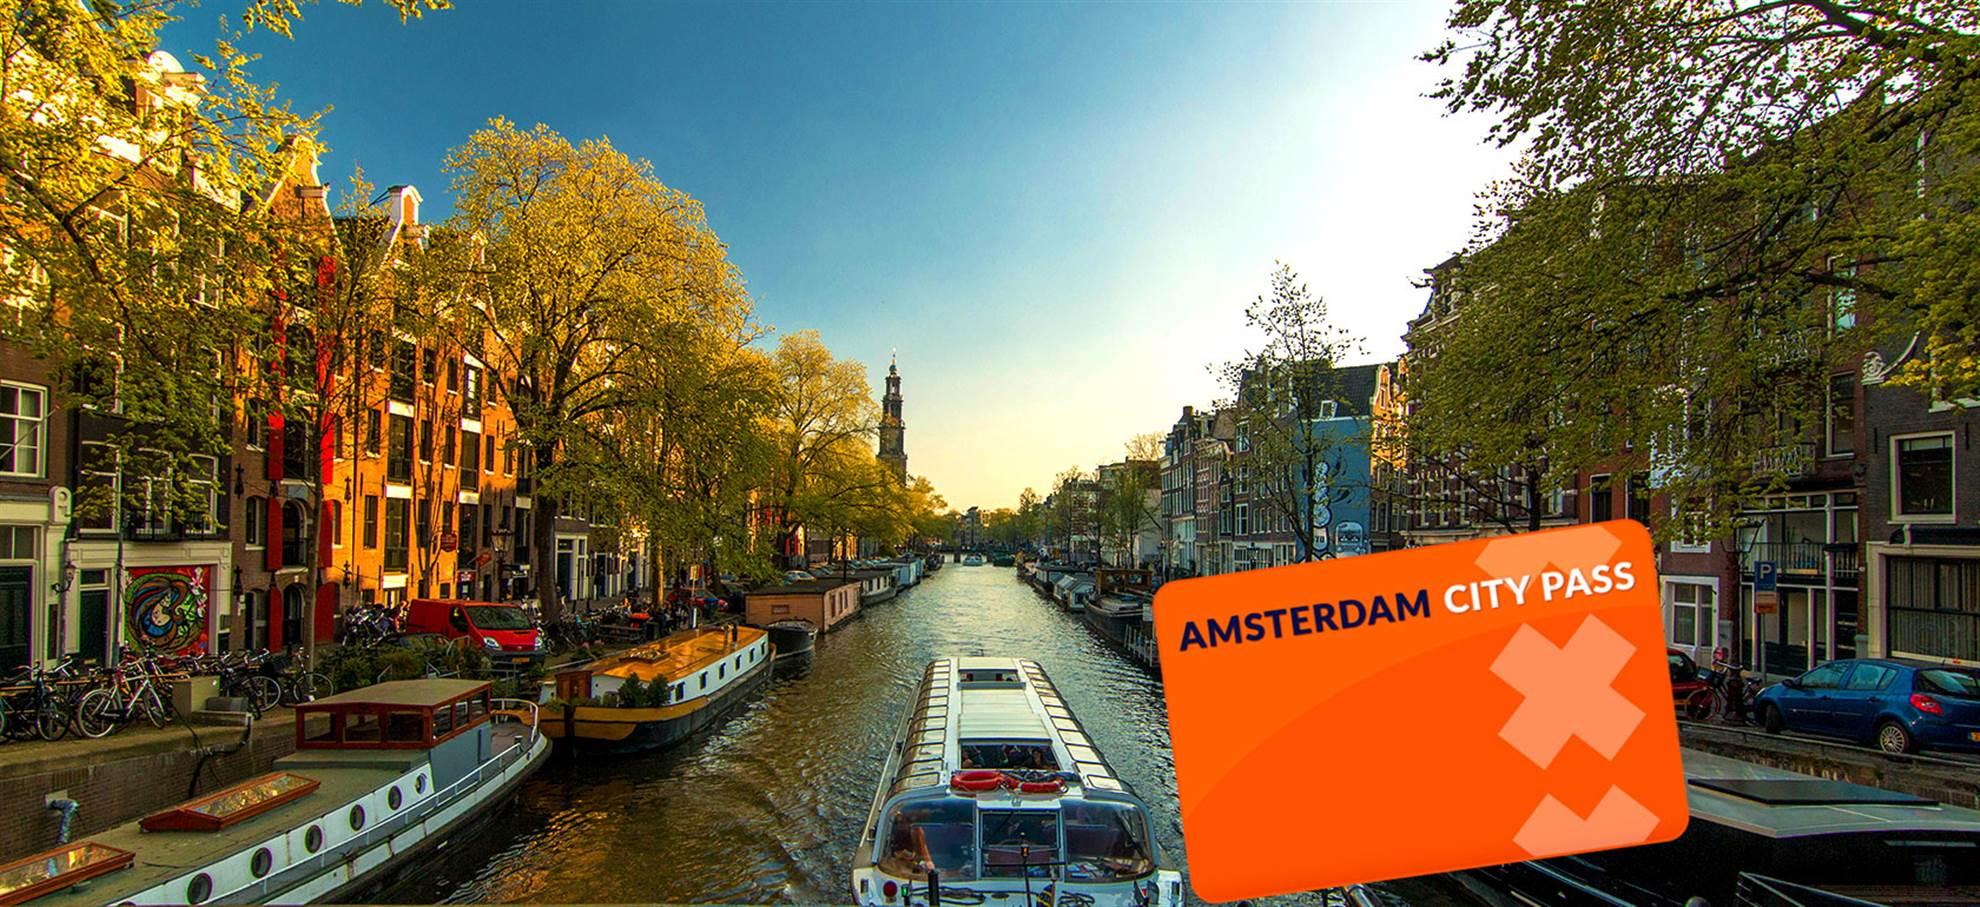 Pass do Museu de Amsterdão para turistas